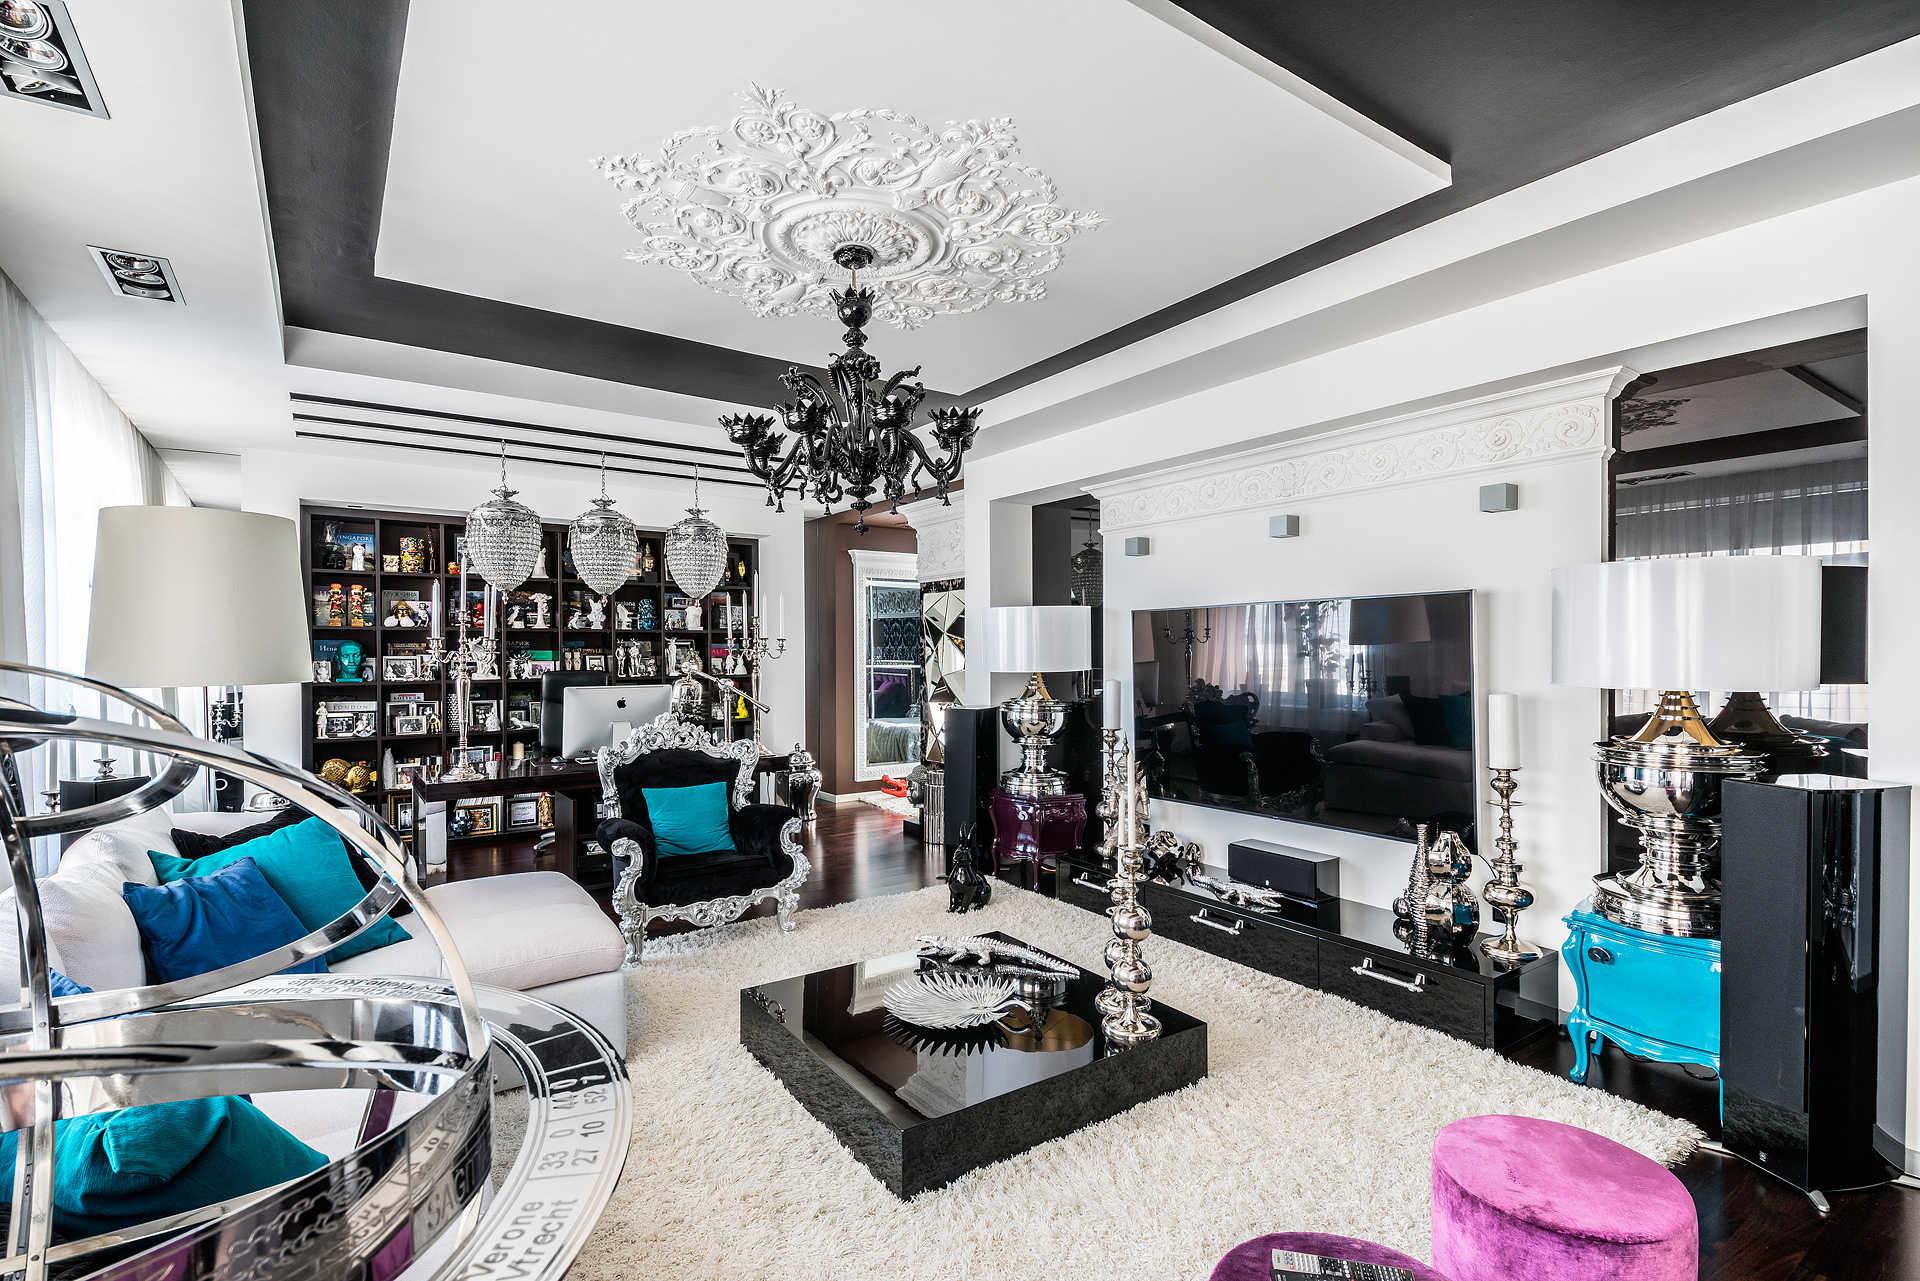 Большая гостиная комната с обильным декором в стиле фьюжн